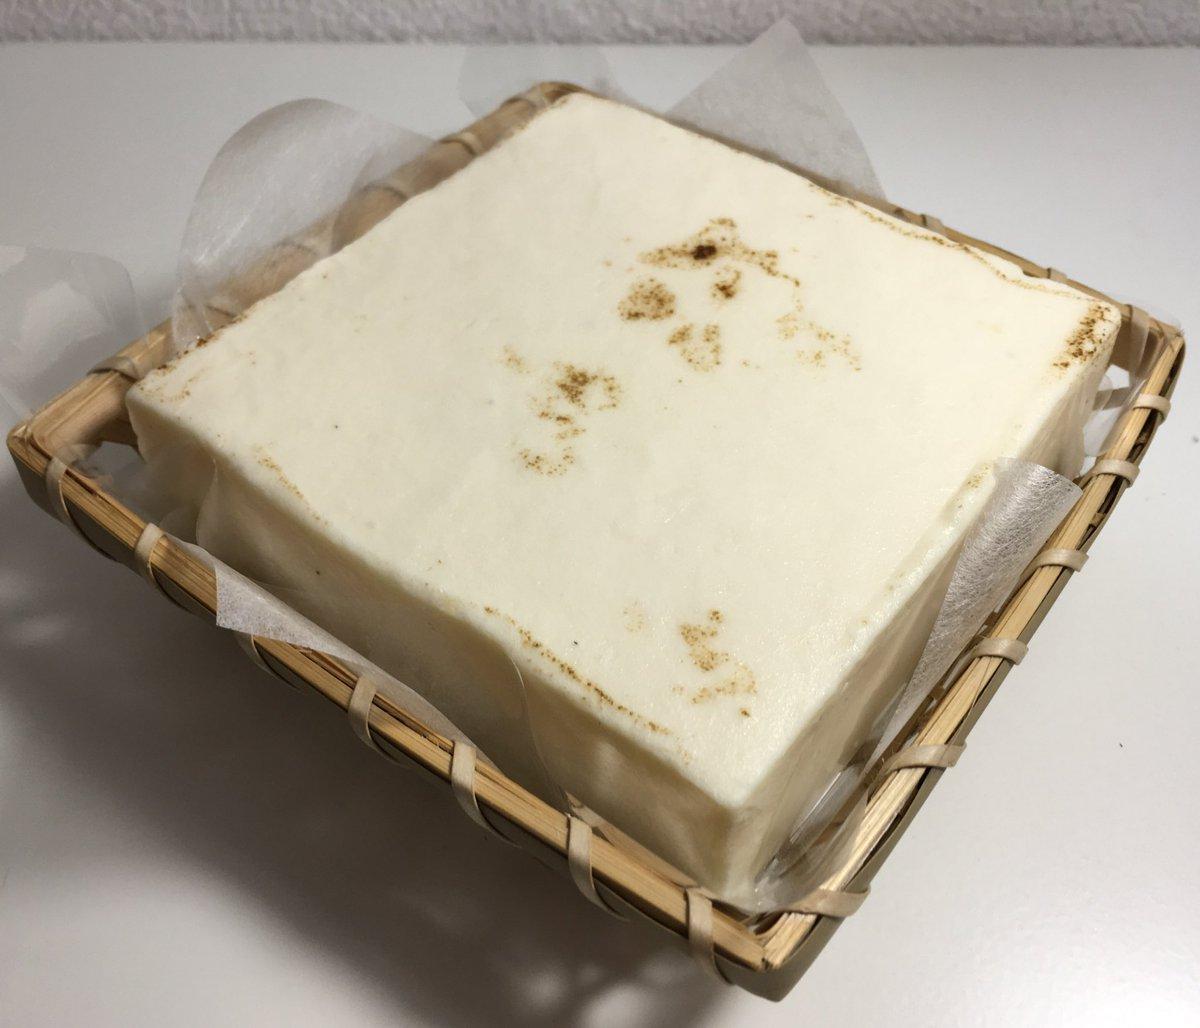 豆腐好き・甘いもの好きの人が失神しそうなものを買った。関西のセンスが光る『トーフチャウデ』 今この美味しさを伝えようと一生懸命言葉を考えたんですけど表せないくらい美味しいからみんな買うべき  豆腐人生が変わる